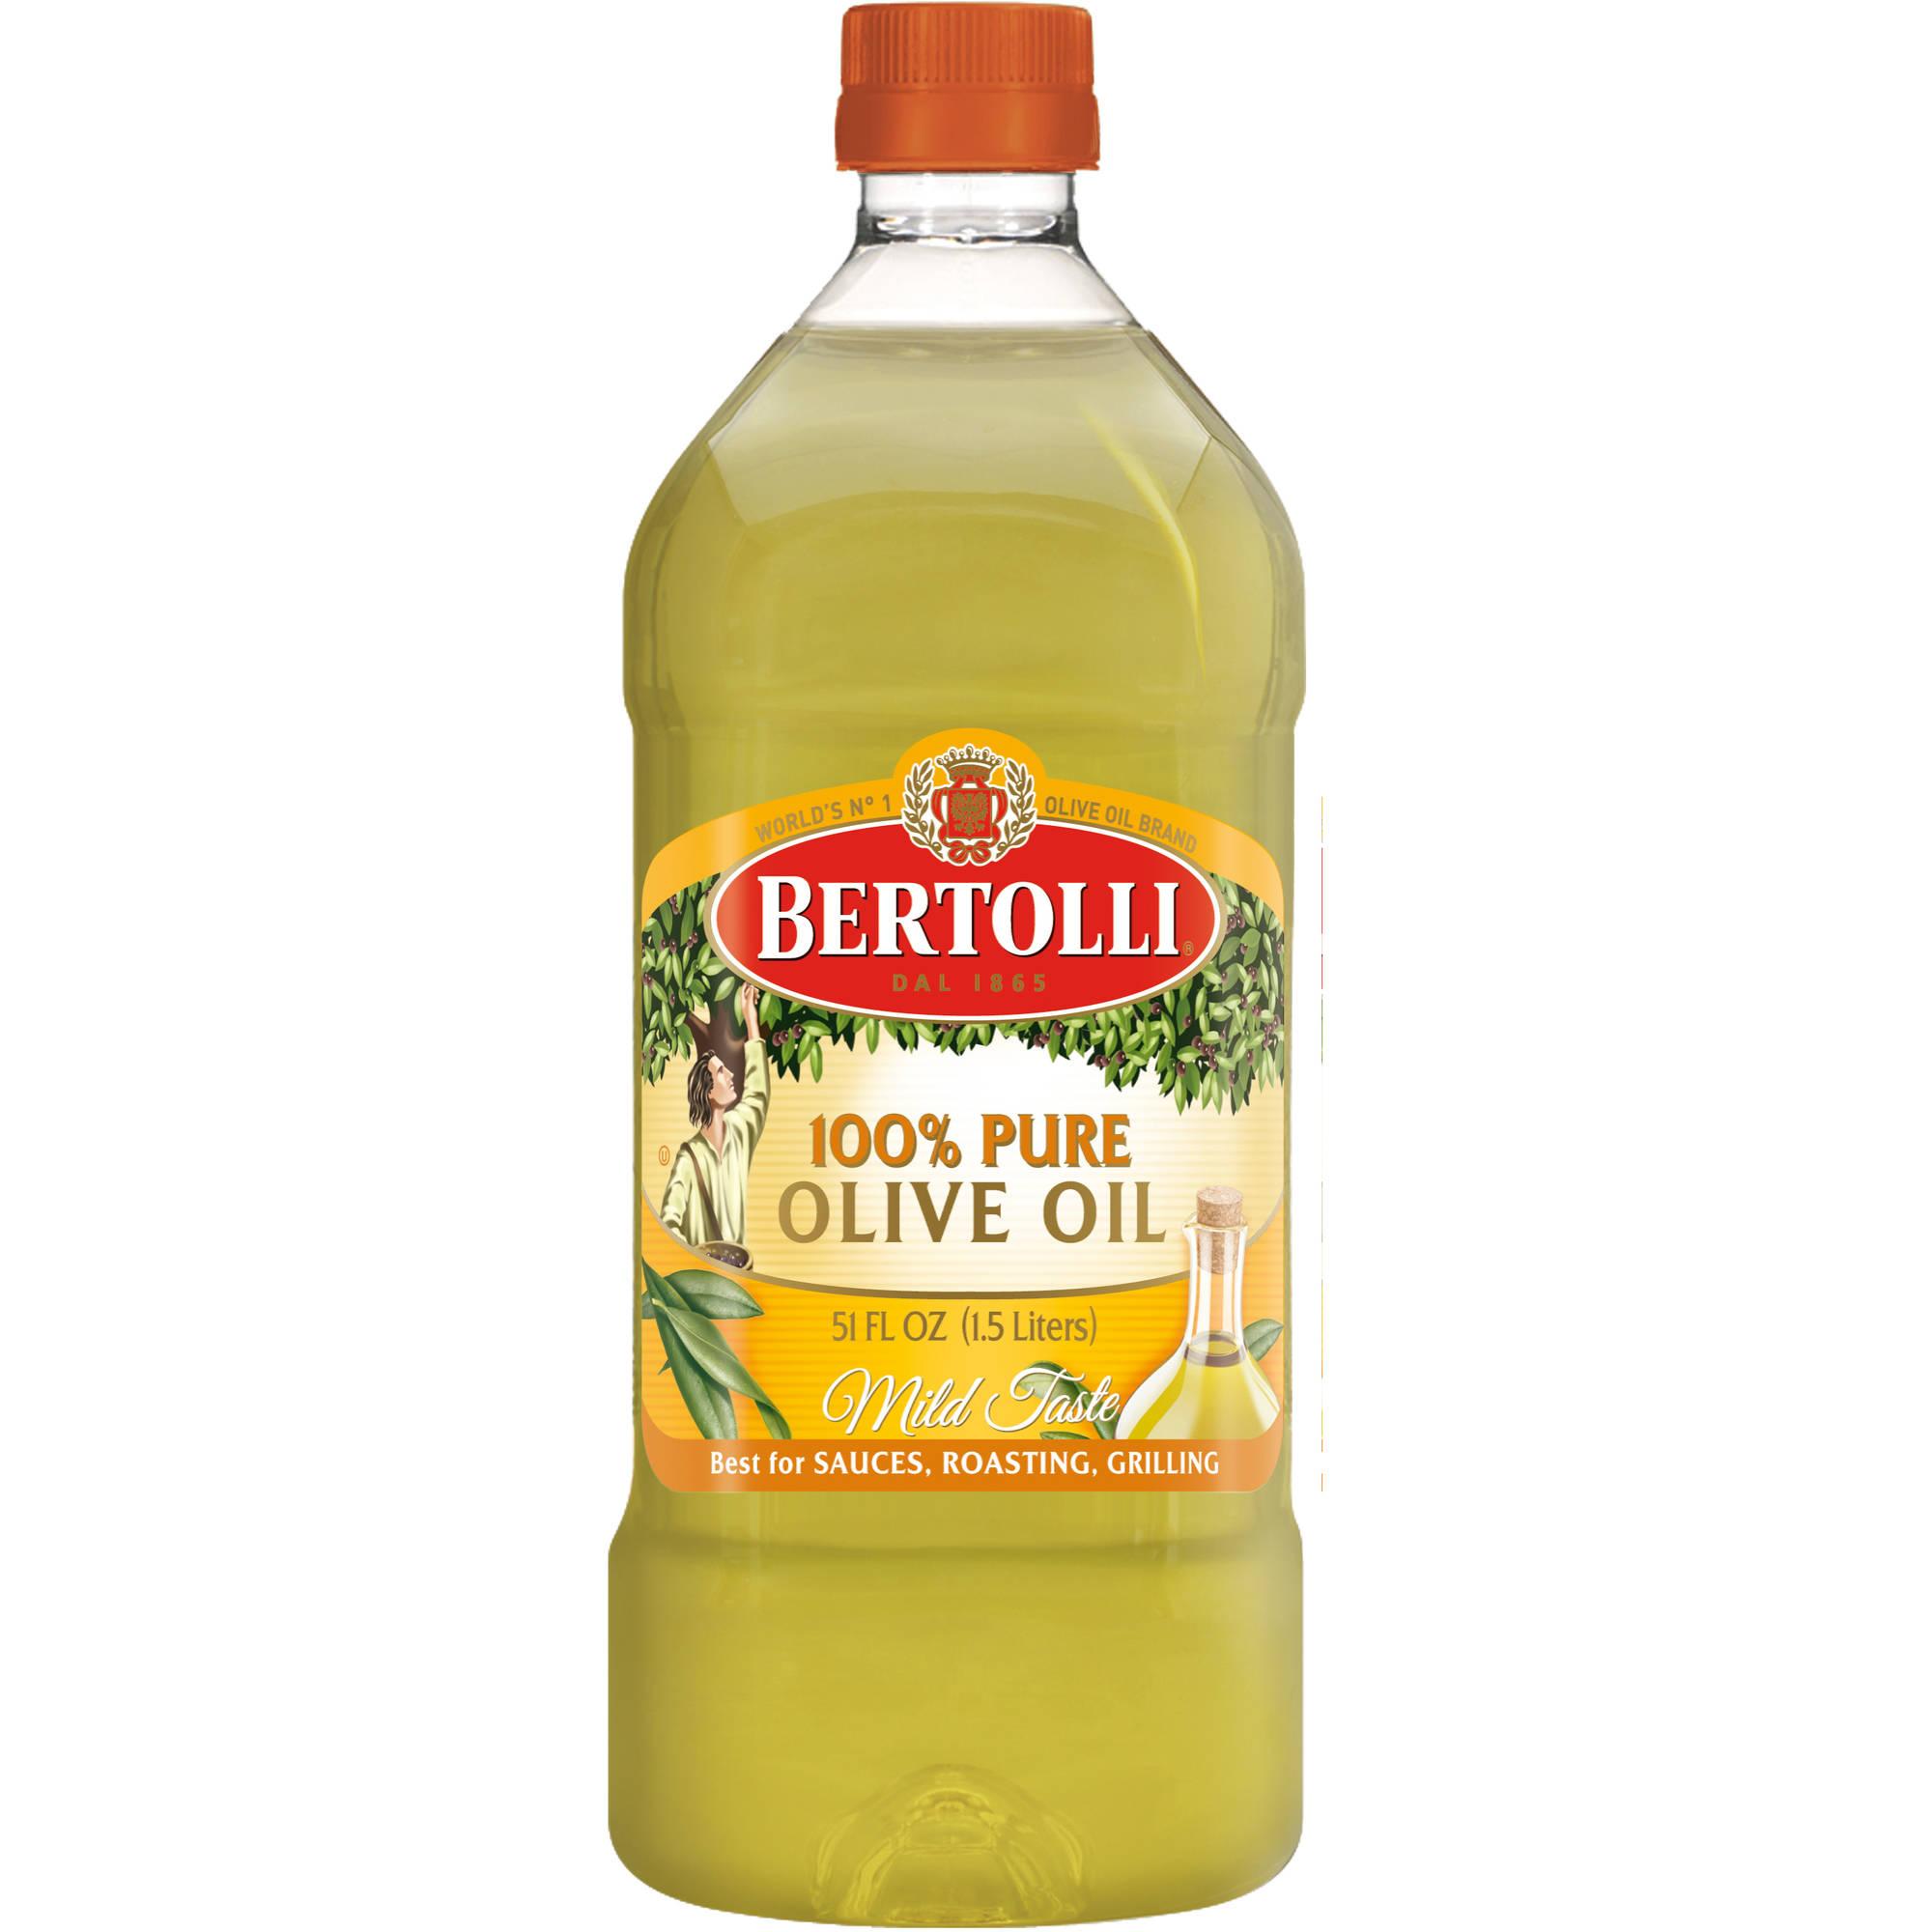 Bertolli Oil: Classico 100% Pure Full Bodied & Mild Olive Oil, 51 Oz